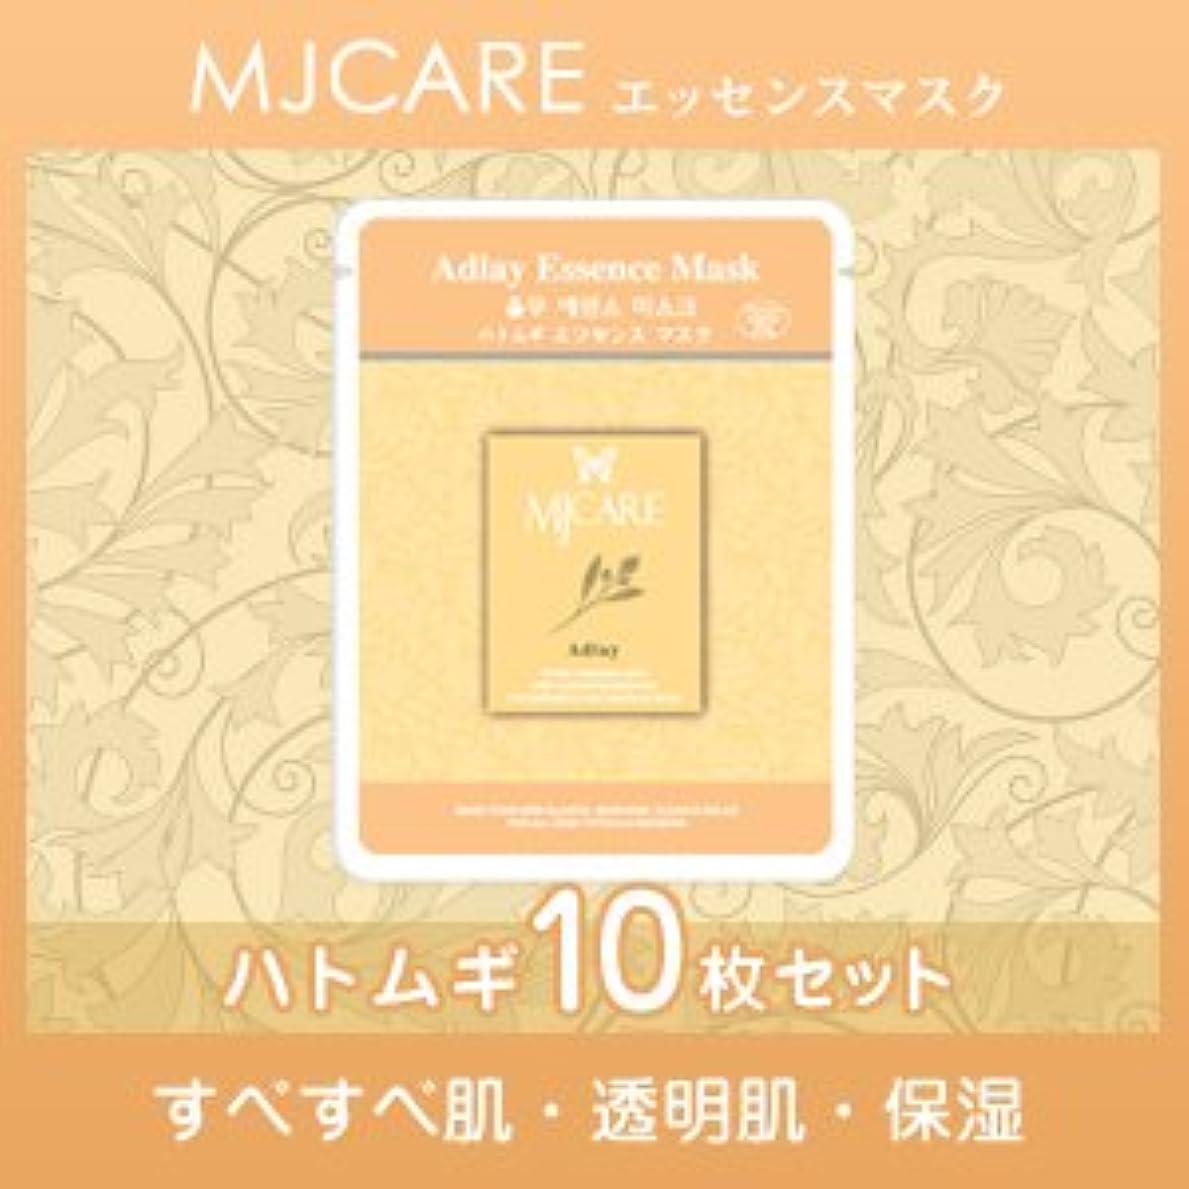 追記精算ほのかMJCARE (エムジェイケア) ハトムギ エッセンスマスク 10セット